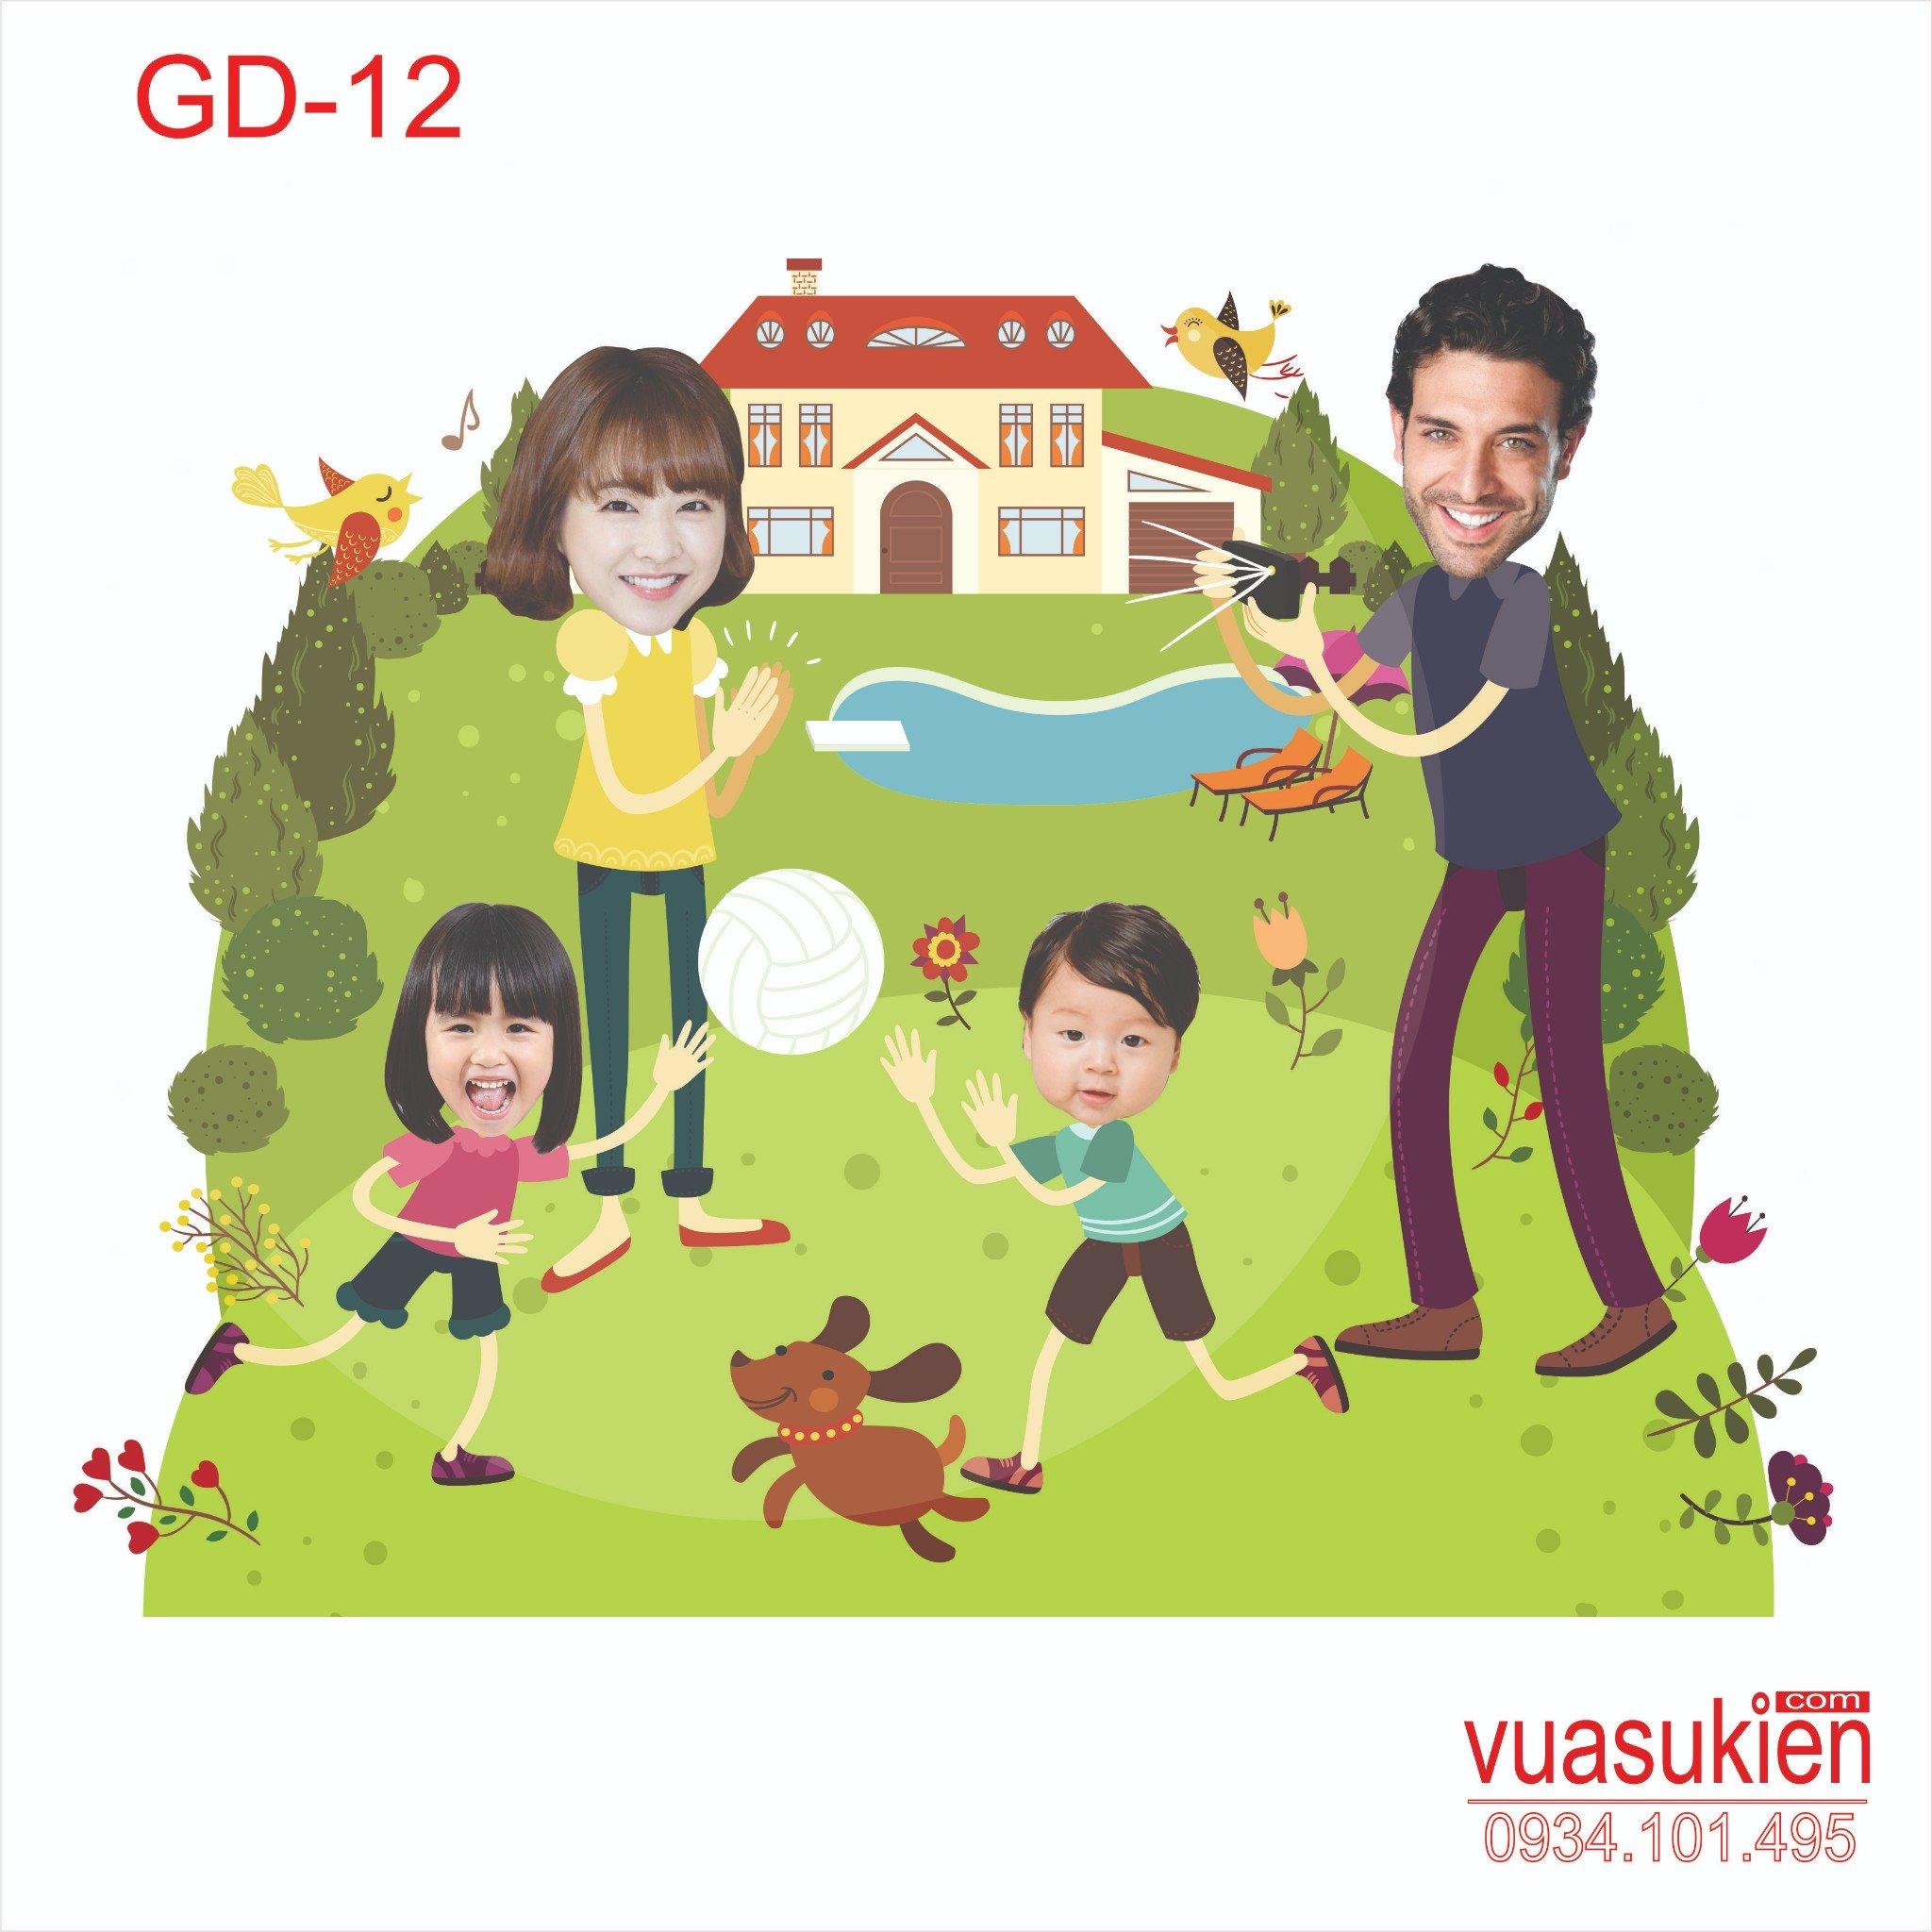 Hình Chibi Gia Đình GD-12